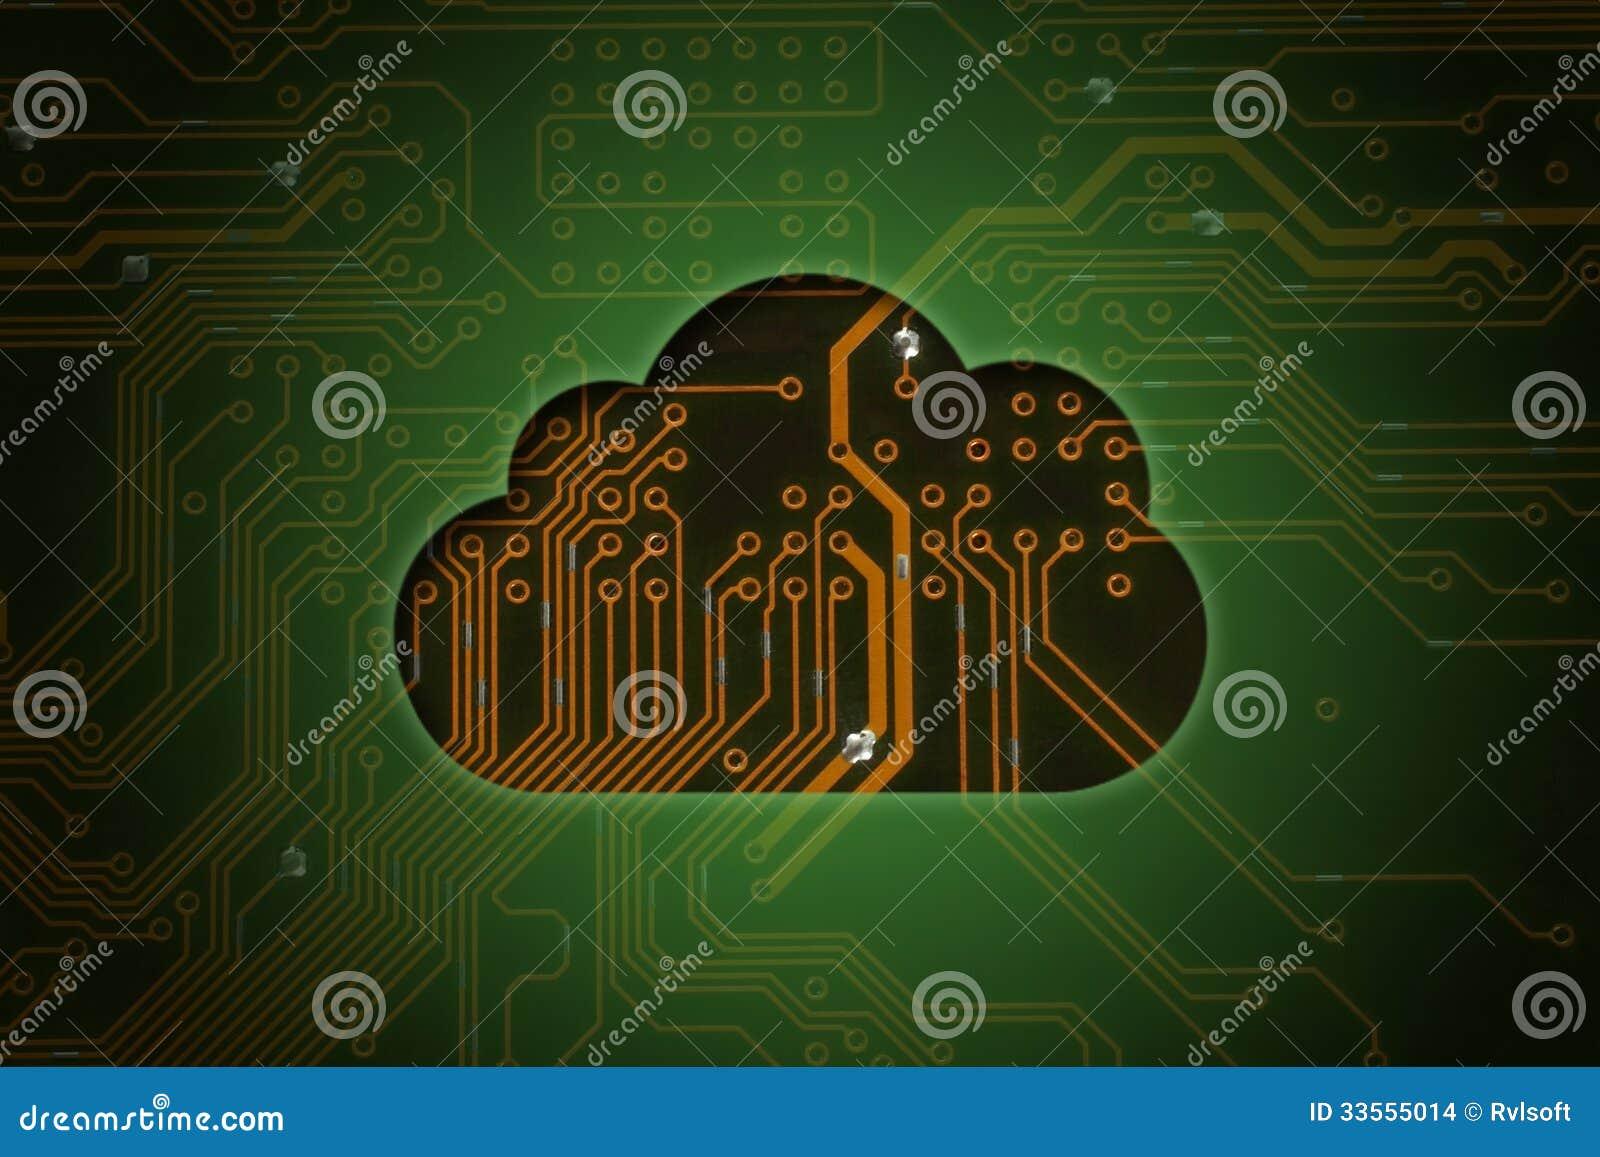 Nuvem no fundo do circuito